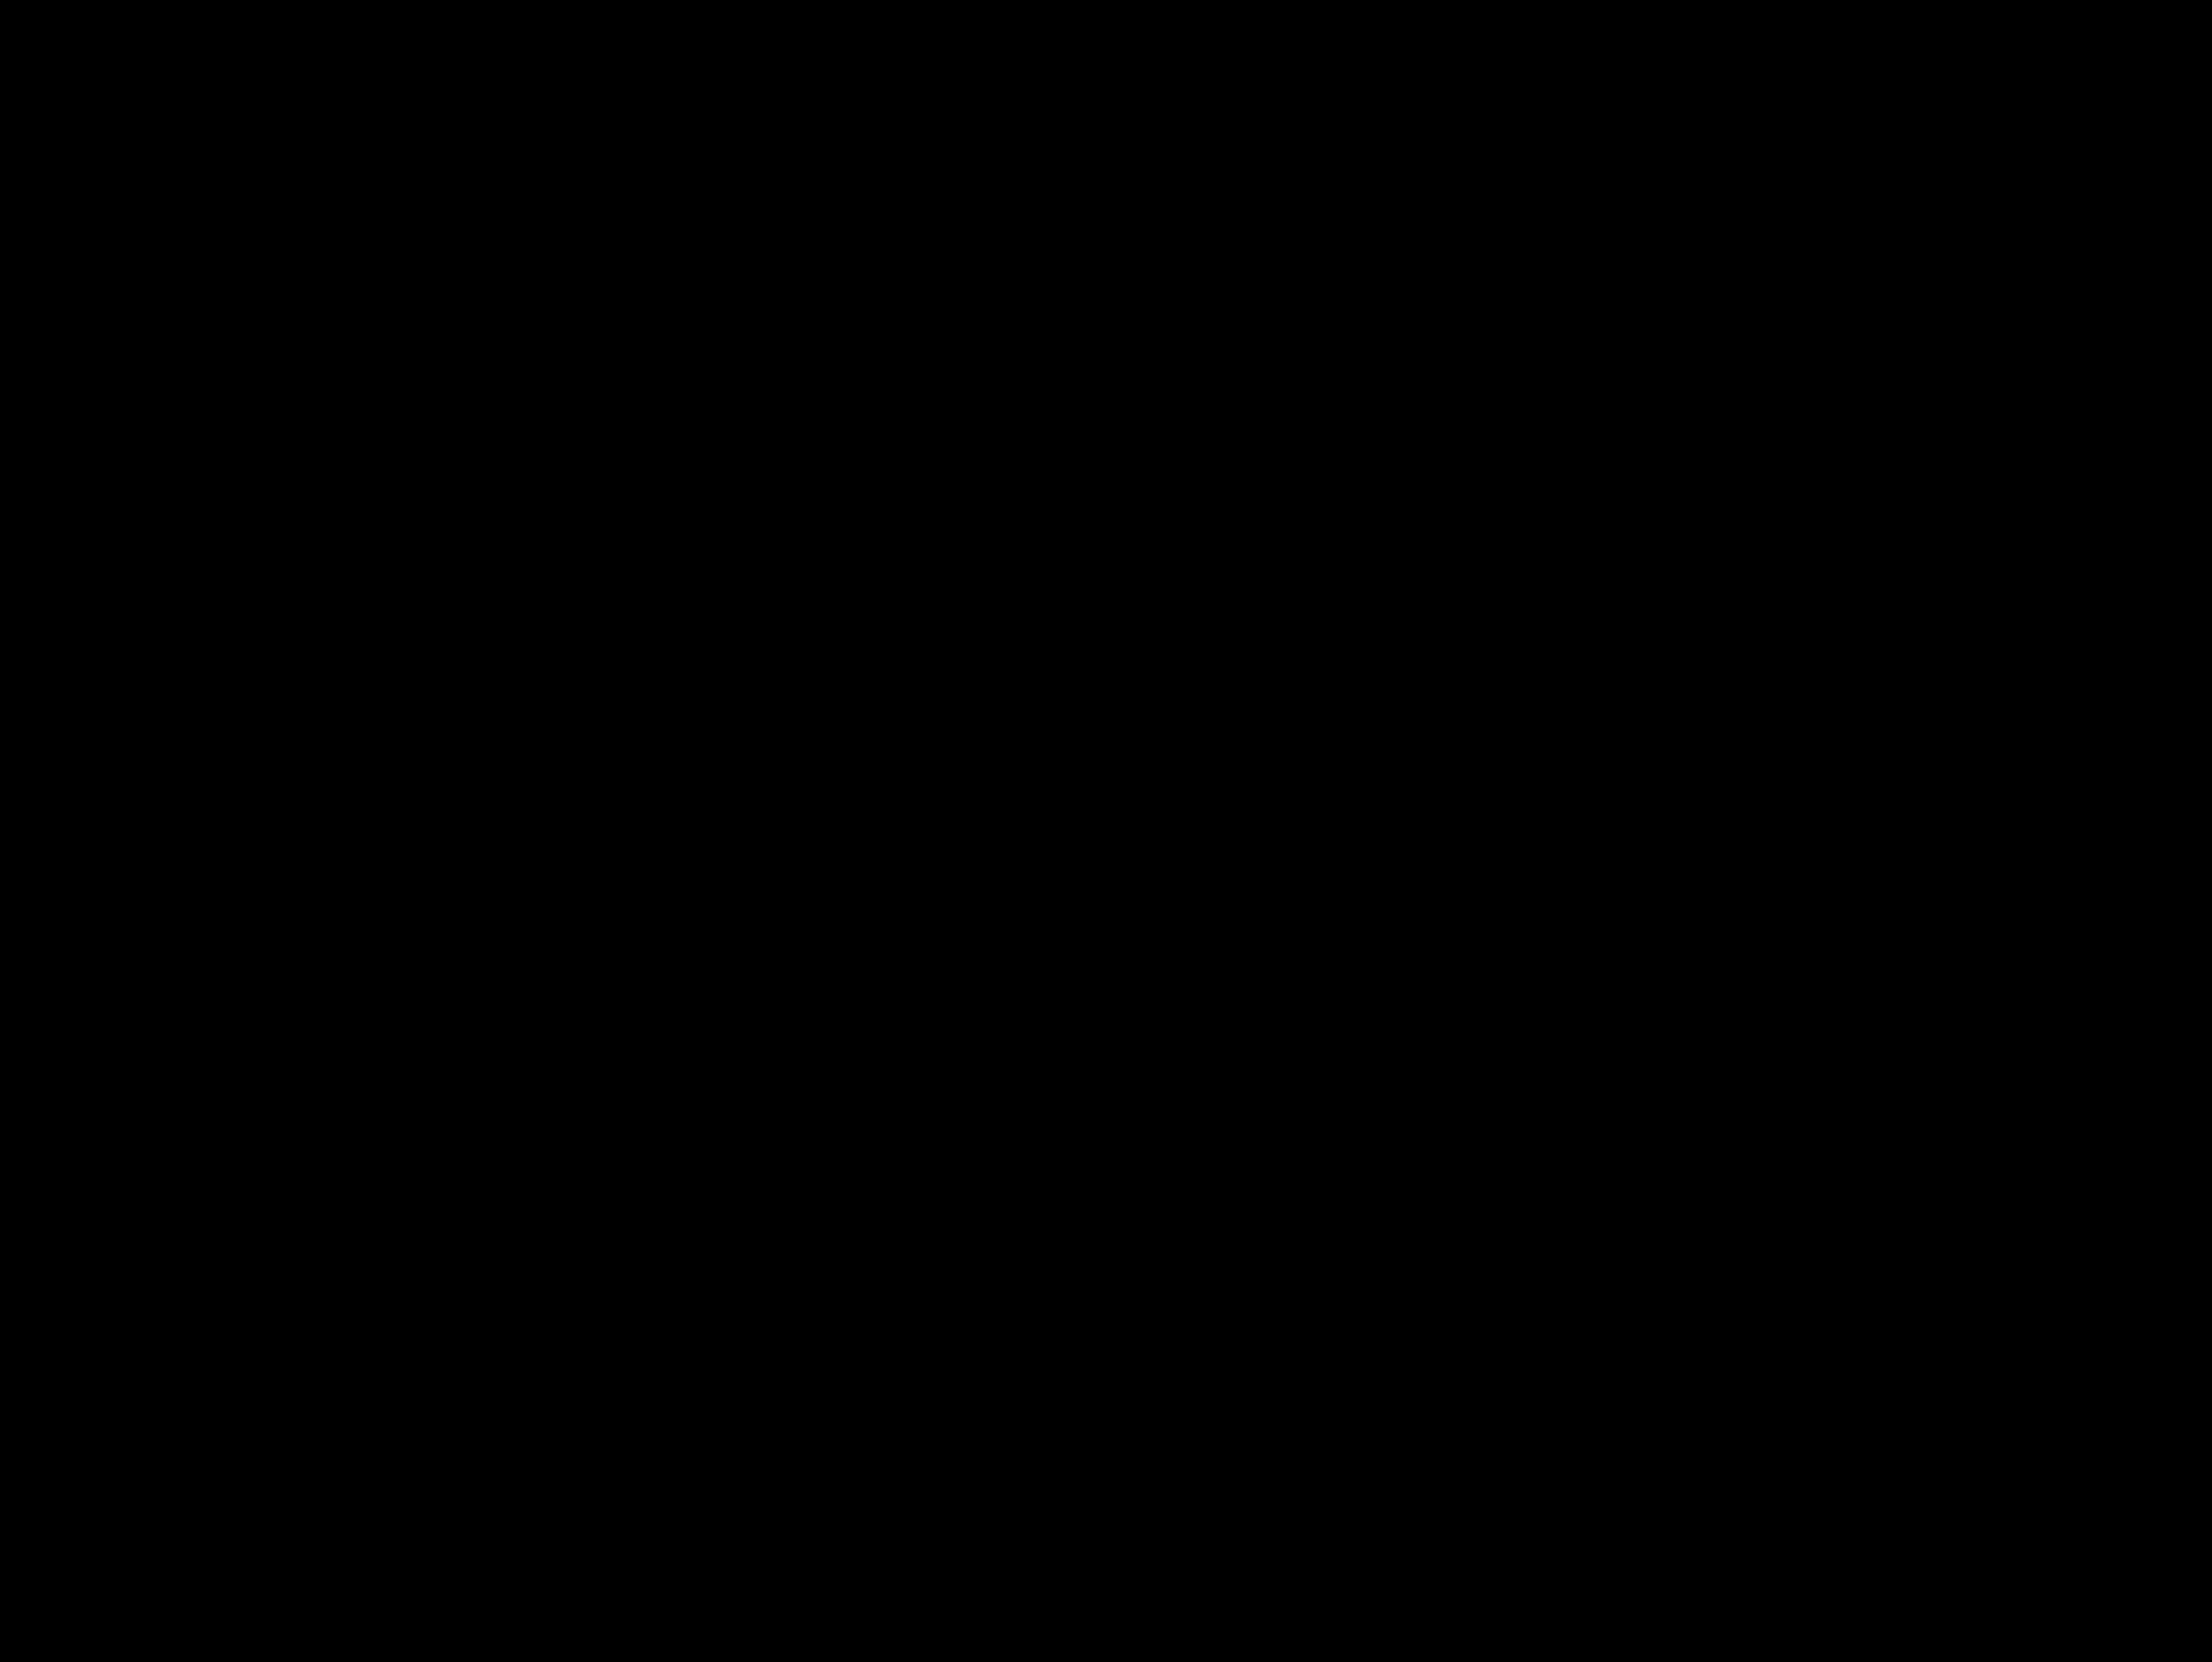 Florencia Onori Striptease Pics, Photos And Links